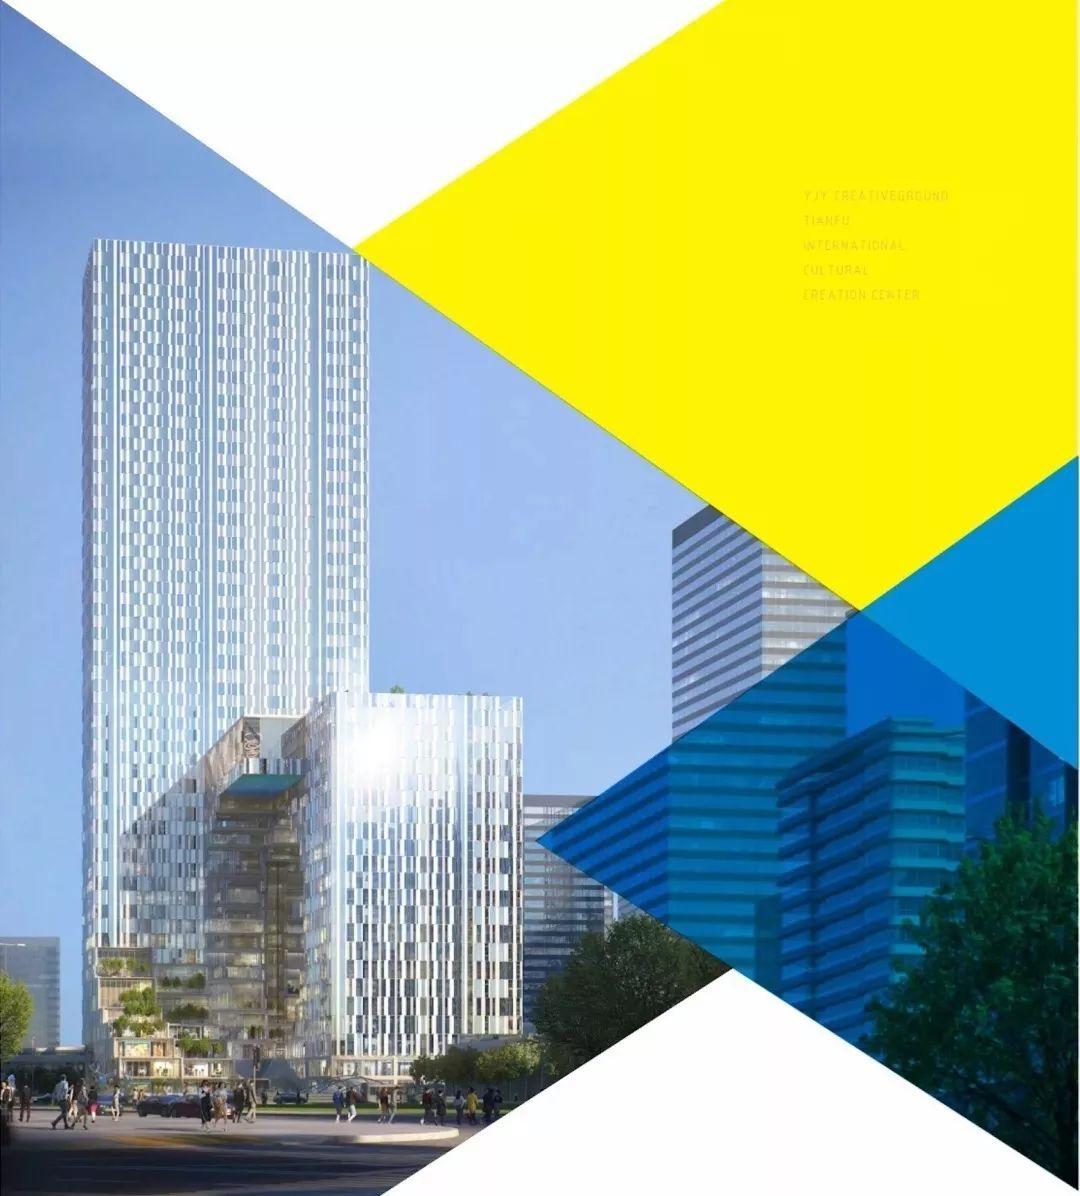 """以"""" 天府之窗 创意剧场""""为核心创意概念, 260米高,近24万平米体量图片"""